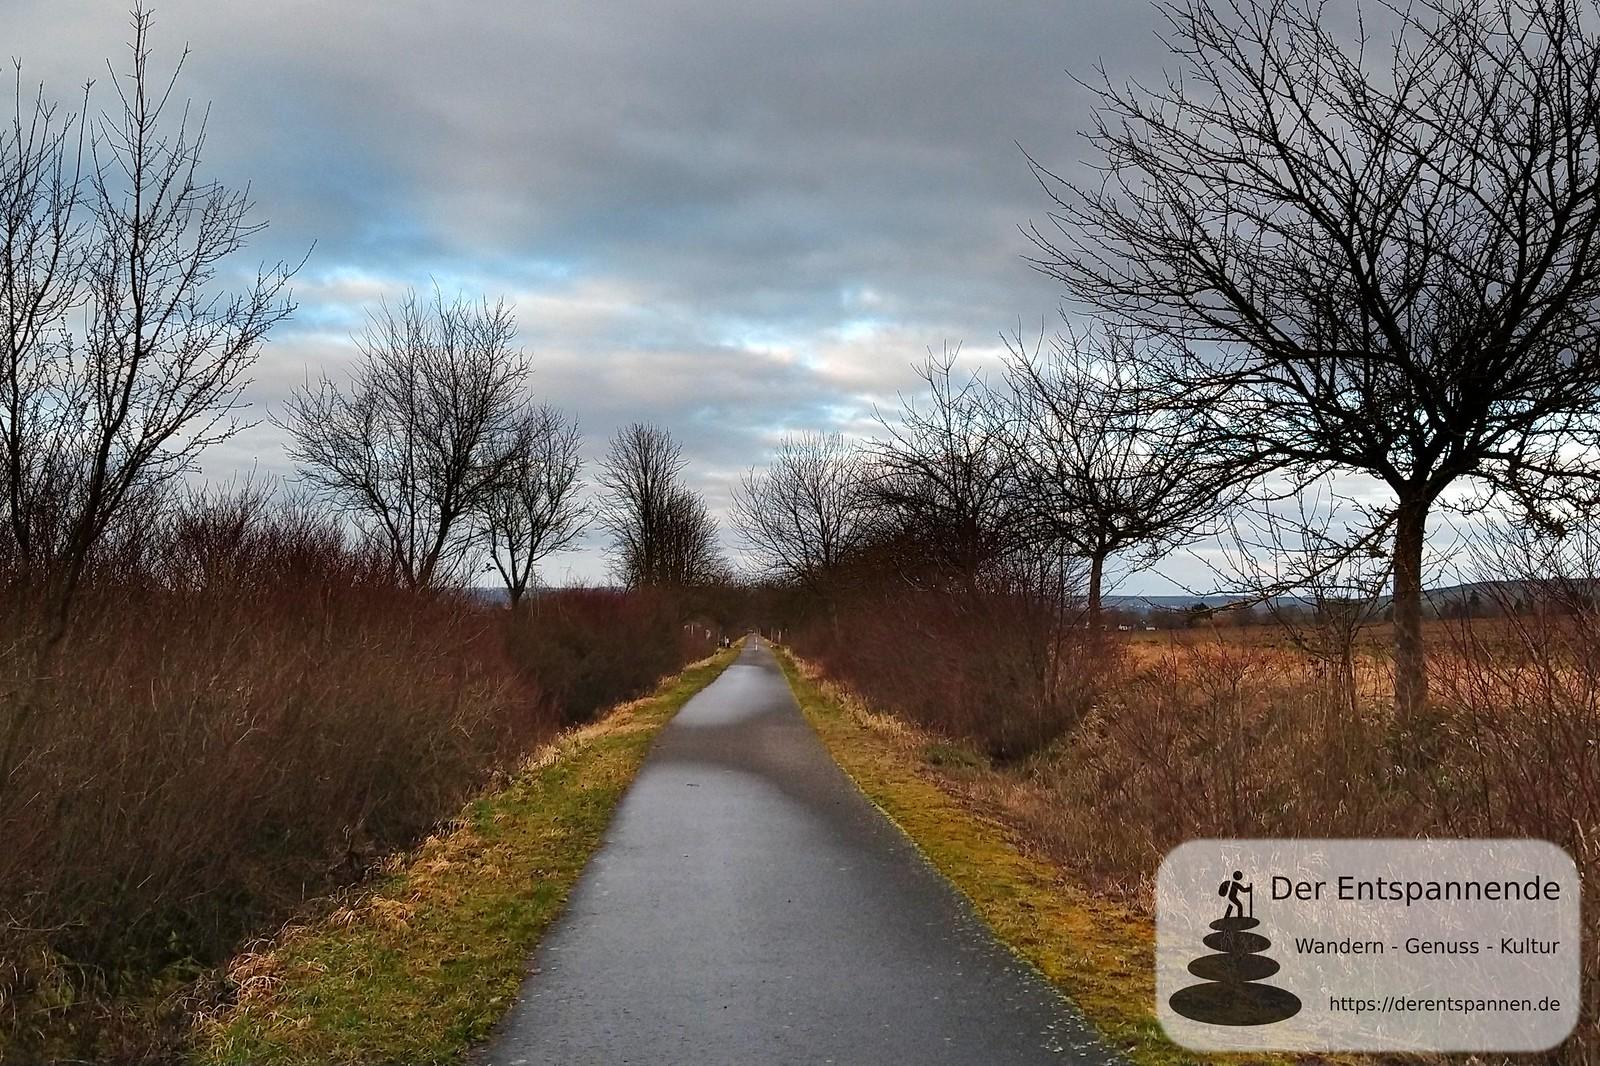 Blick zurück nach Selzen auf dem Radweg von Selzen nach Mommenheim, ehemalige Bahnstrecke Alzey-Bodenheim (Amiche)